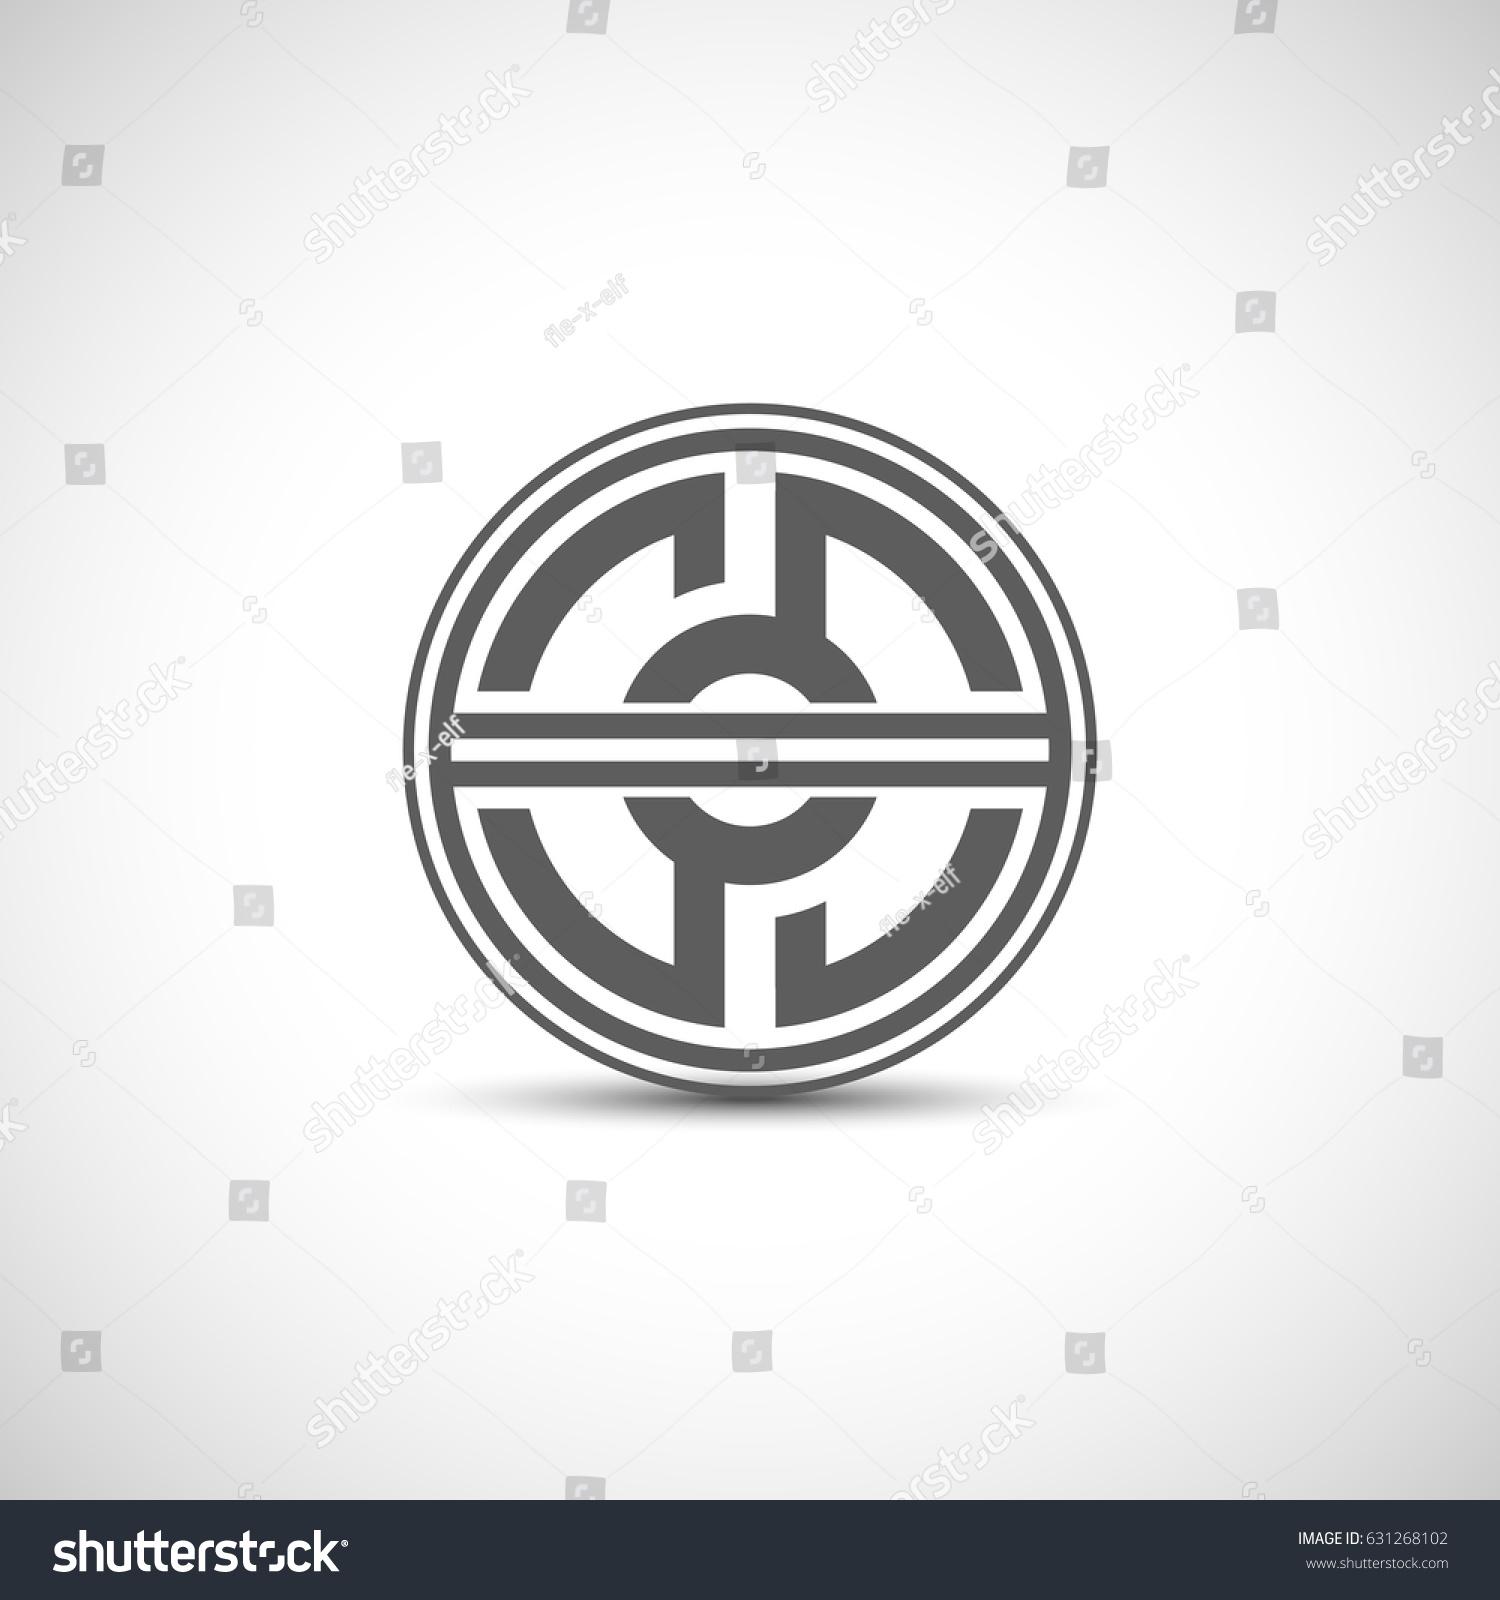 Balance Logo Circle Logo Template Design Stock Vector 631268102 ...